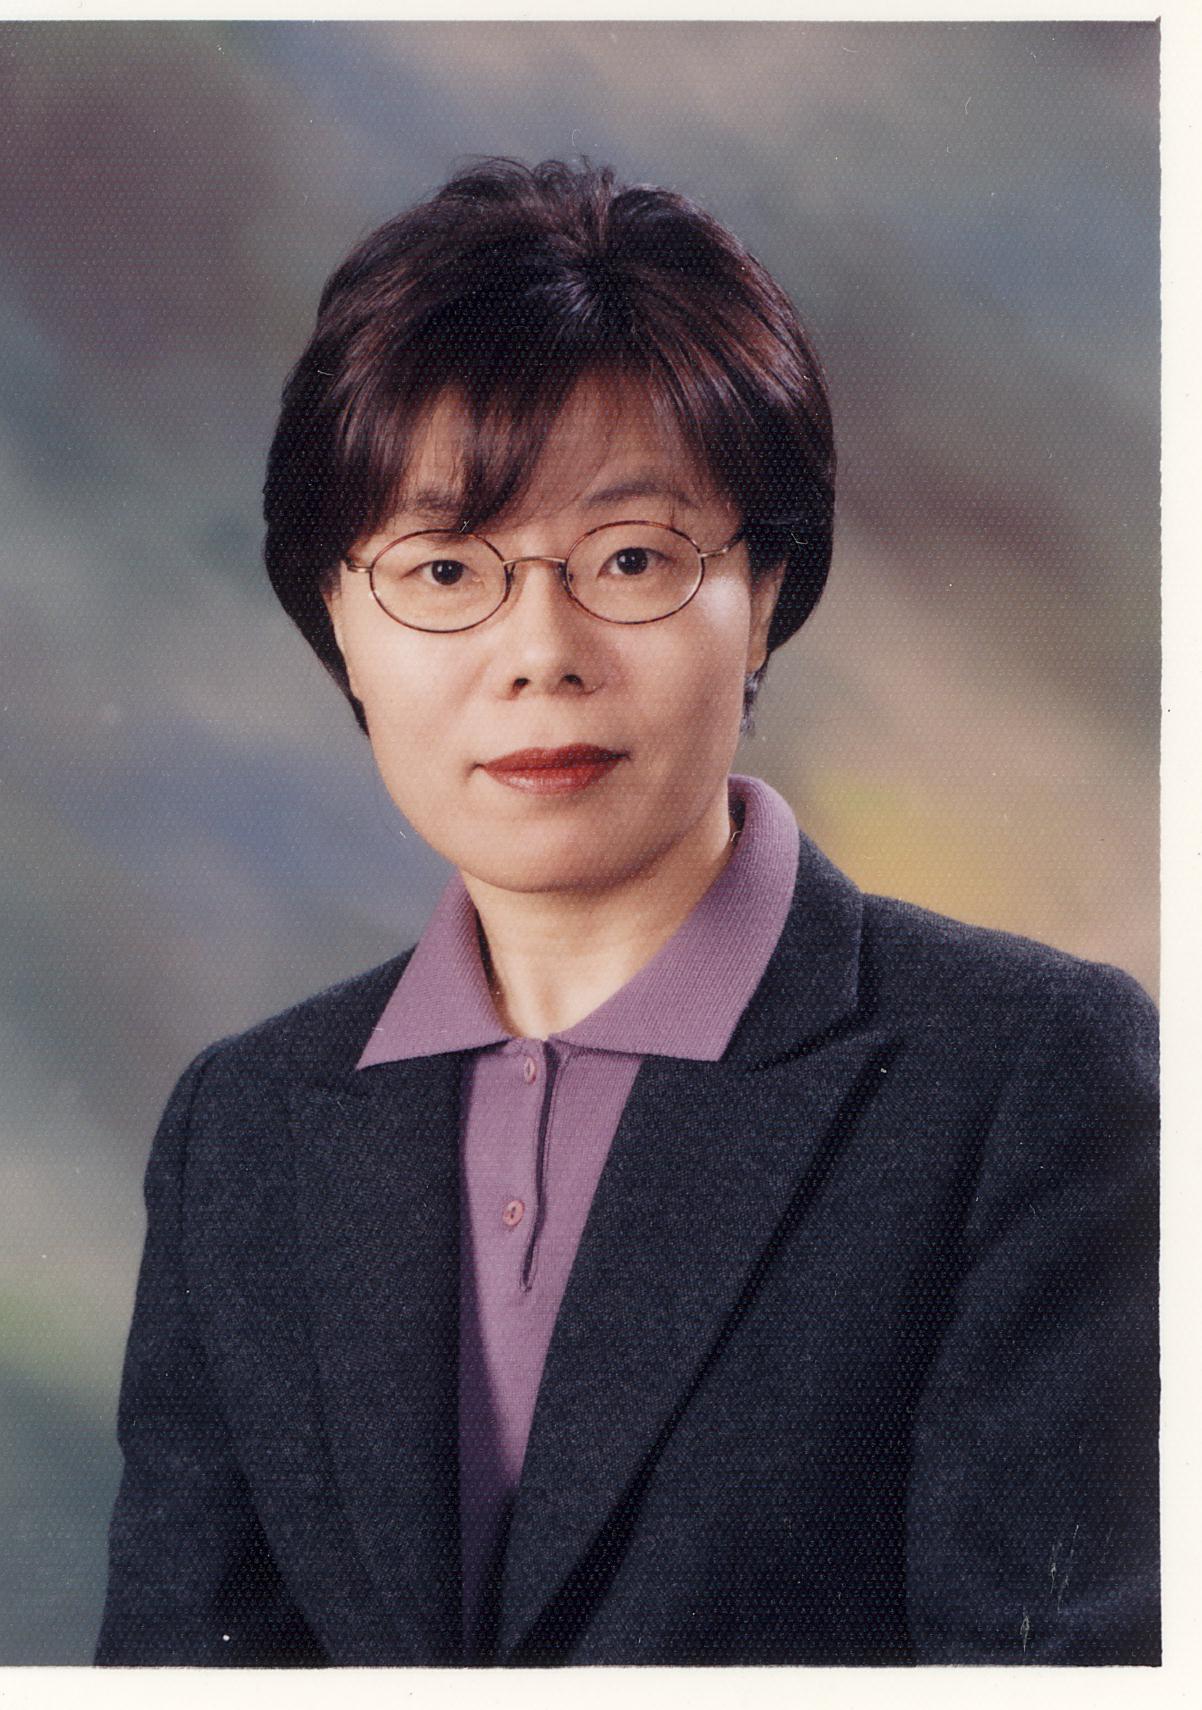 김연옥 교수님 사진